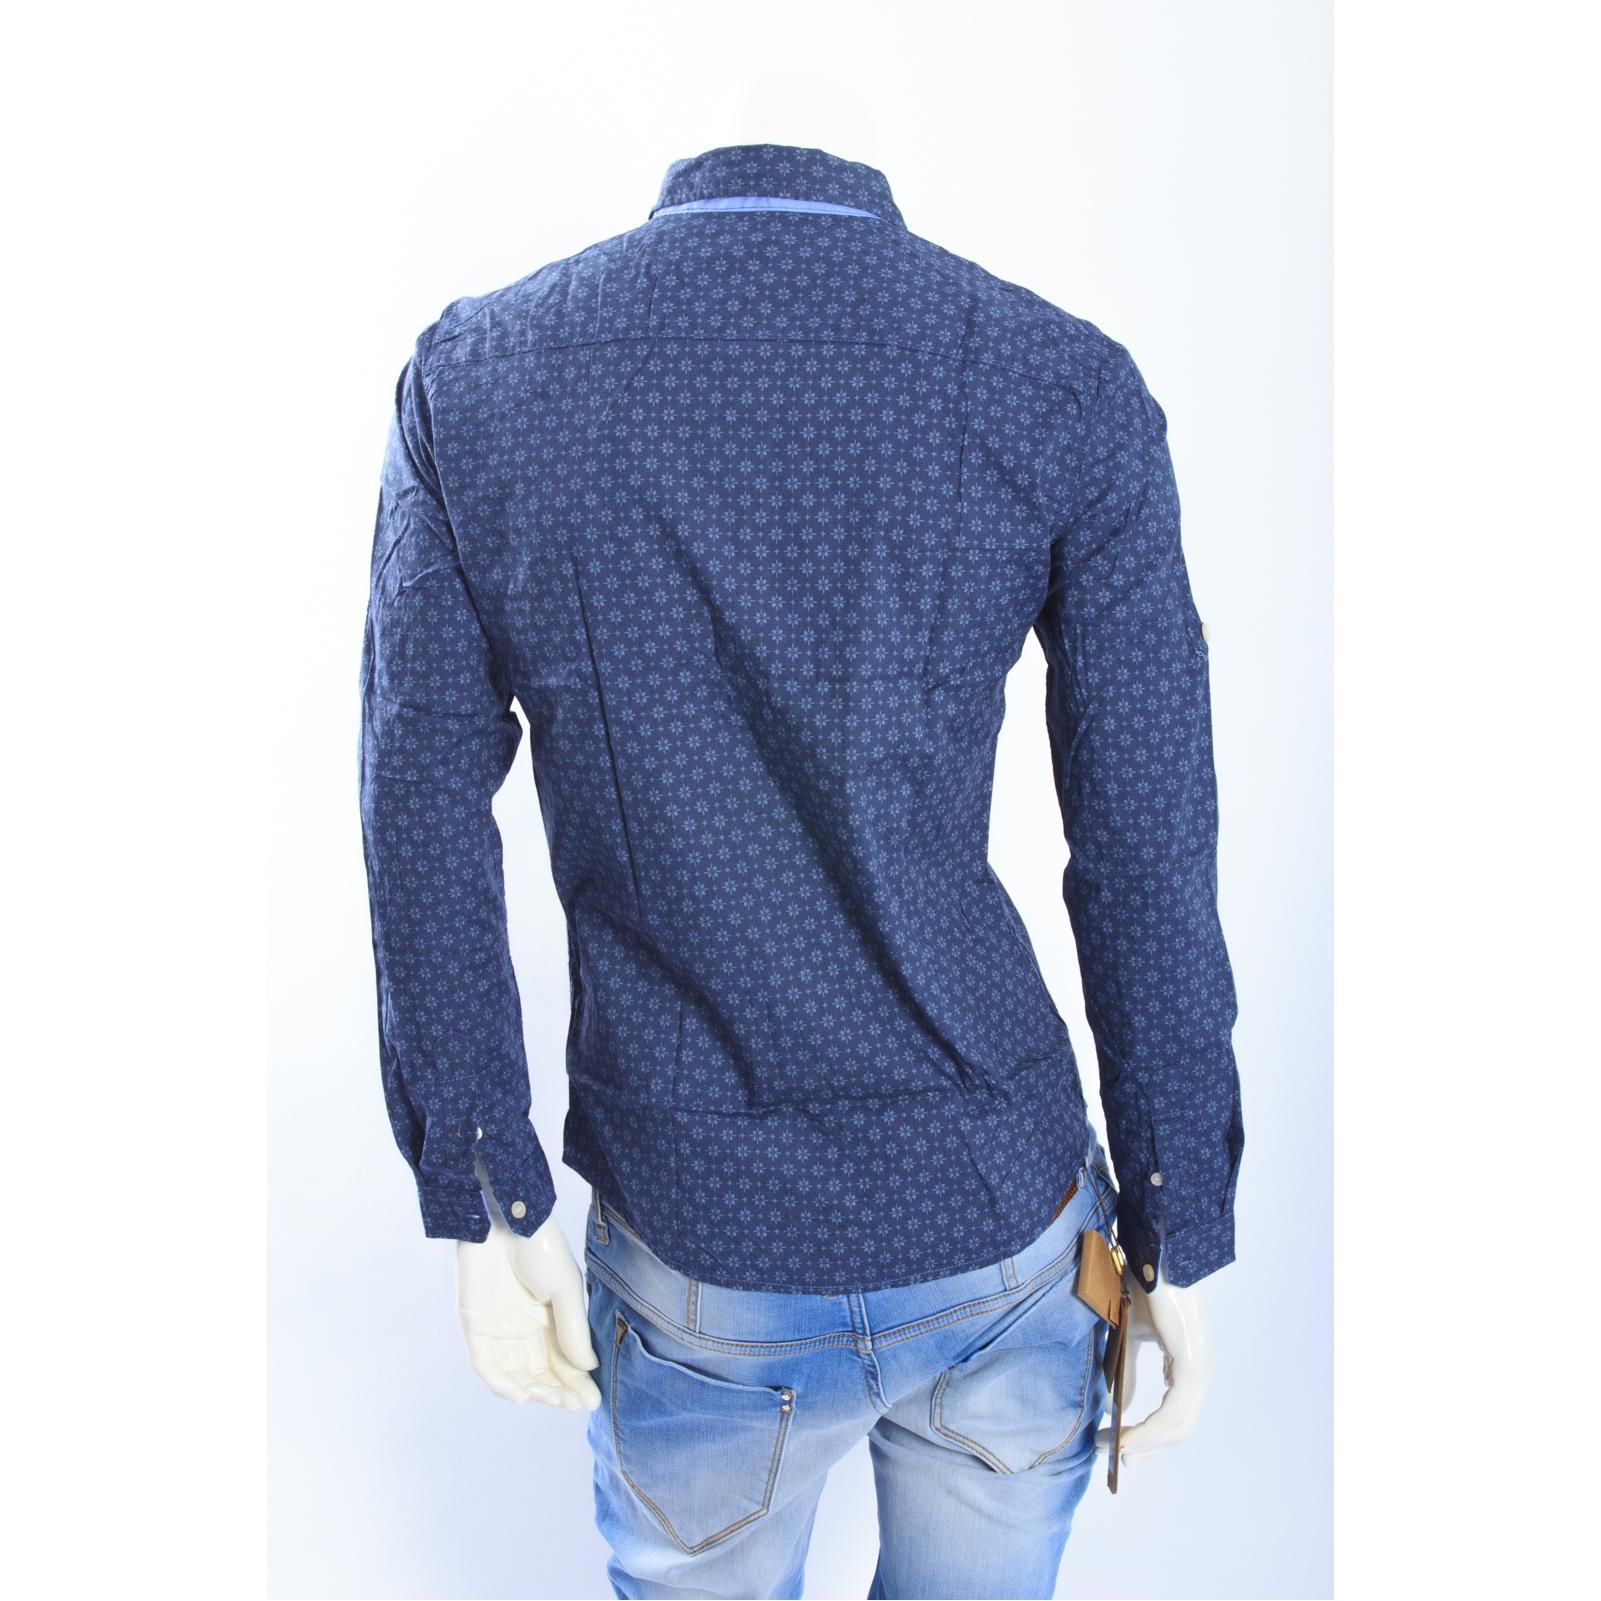 Alcott Di Cotone Camicia ArtUoss14 In Fantasia Blu n8PwO0k